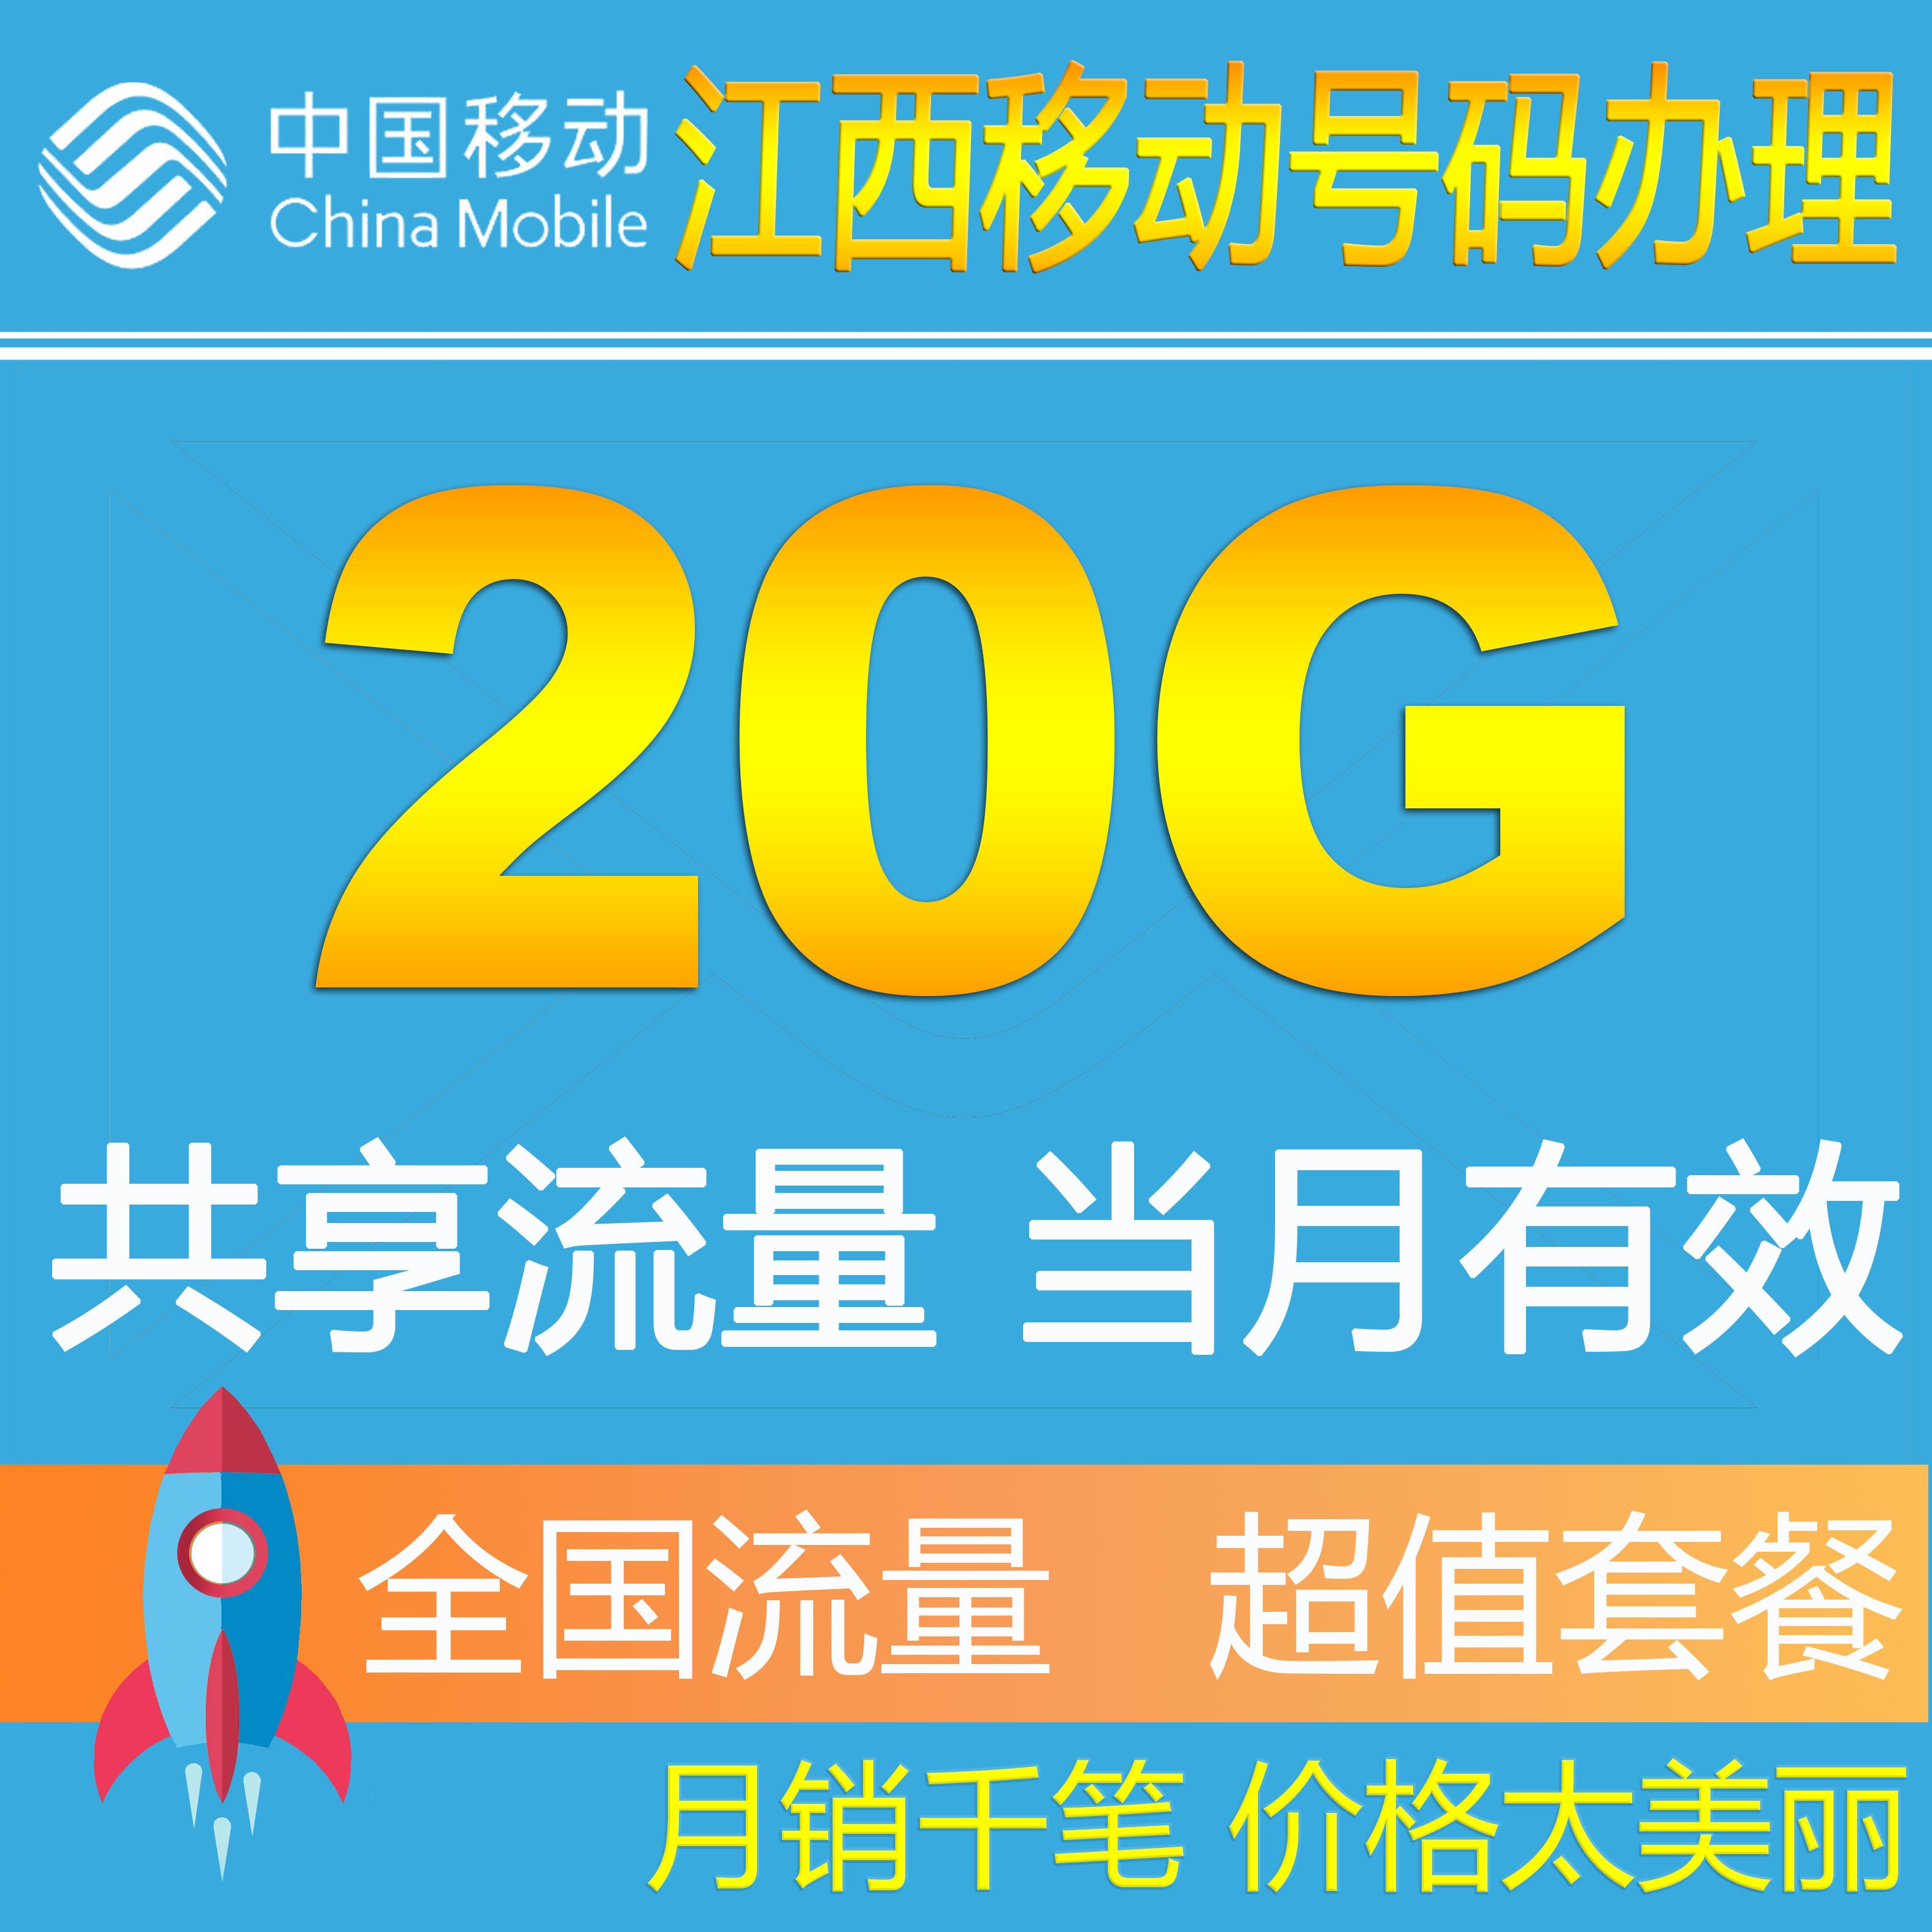 江西移动流量充值全国20G流量2G/3G/4G通用手机流量包叠加包套餐Z